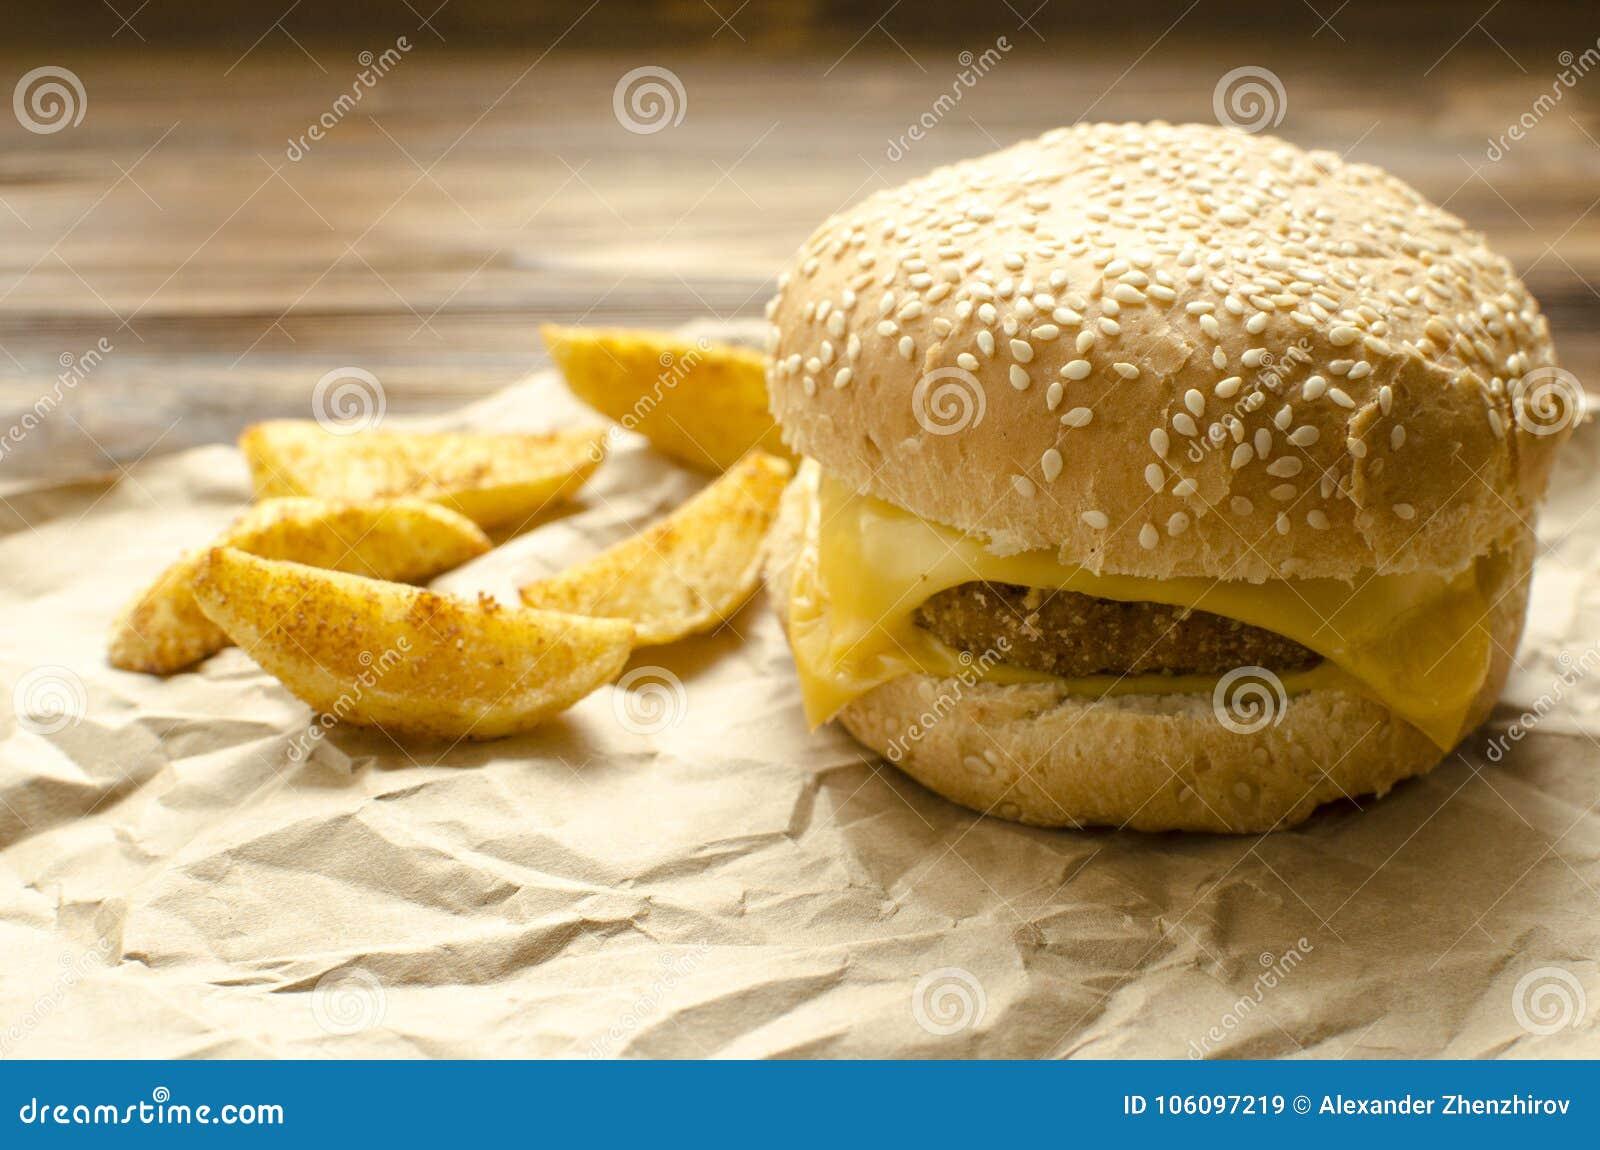 乳酪汉堡用油煎的土豆和辣椒在工艺纸